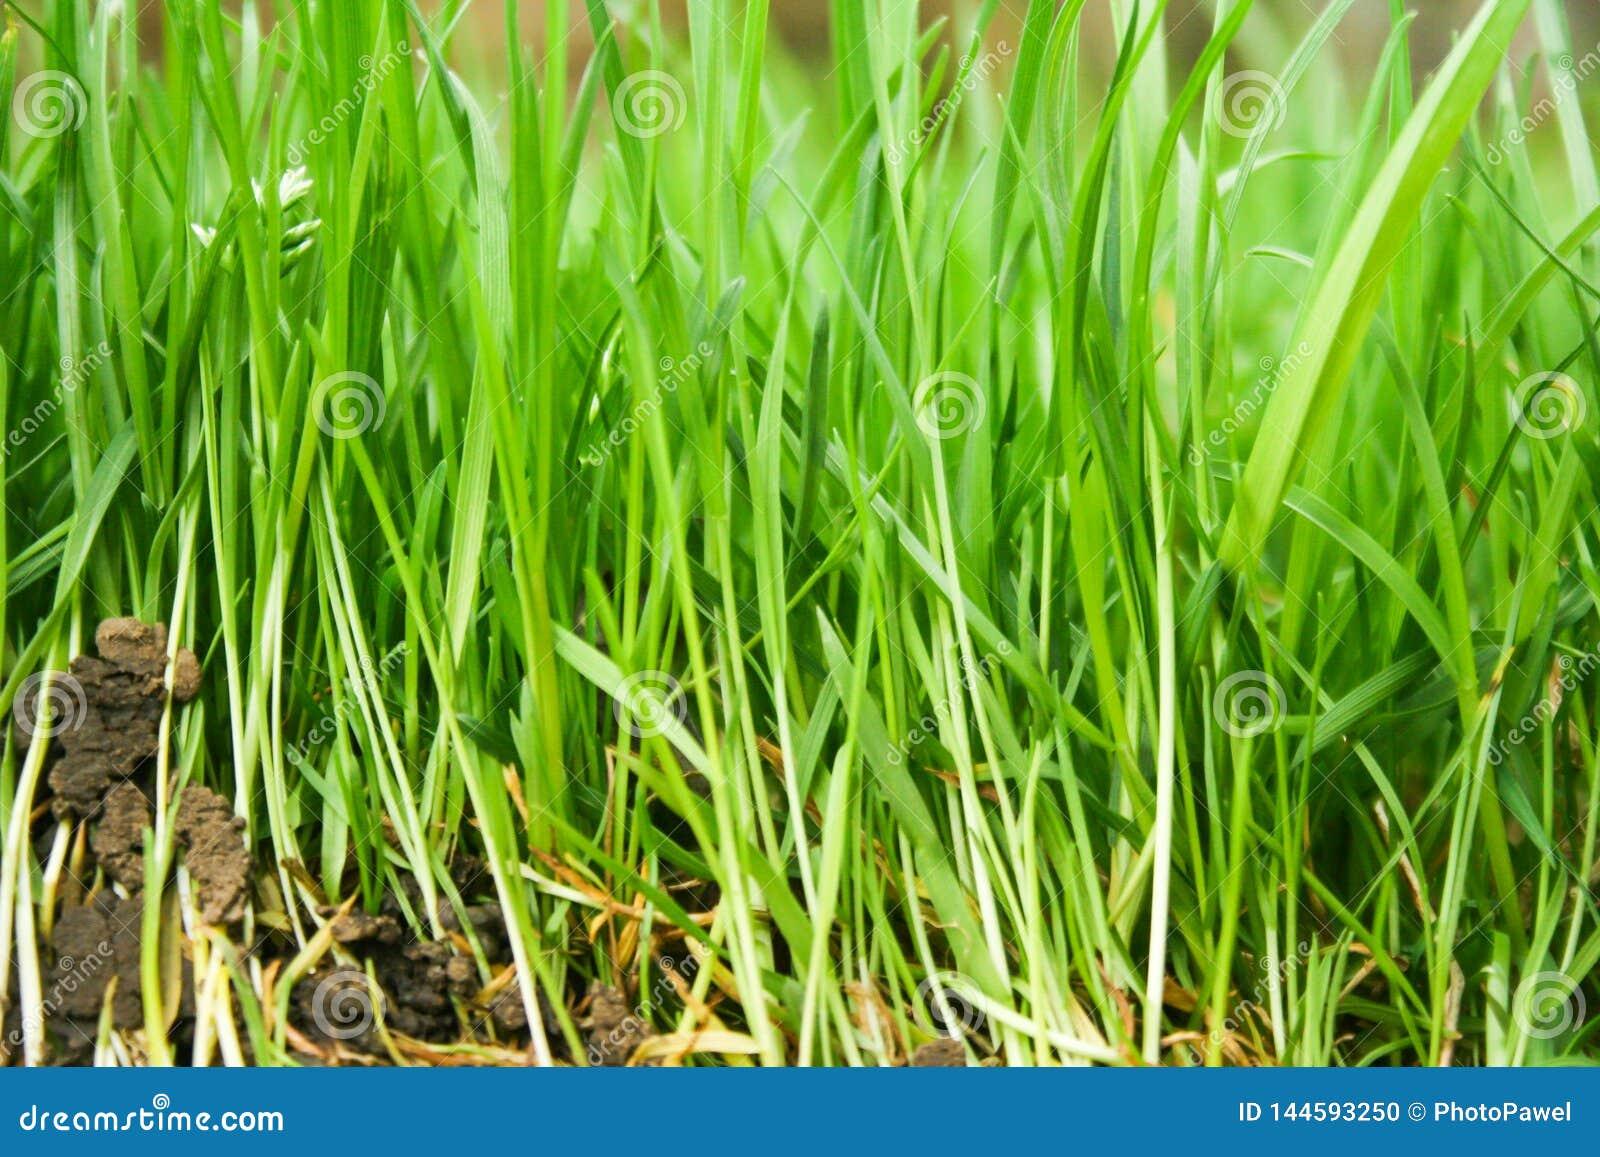 Naturliga bakgrunder med grönt gräs